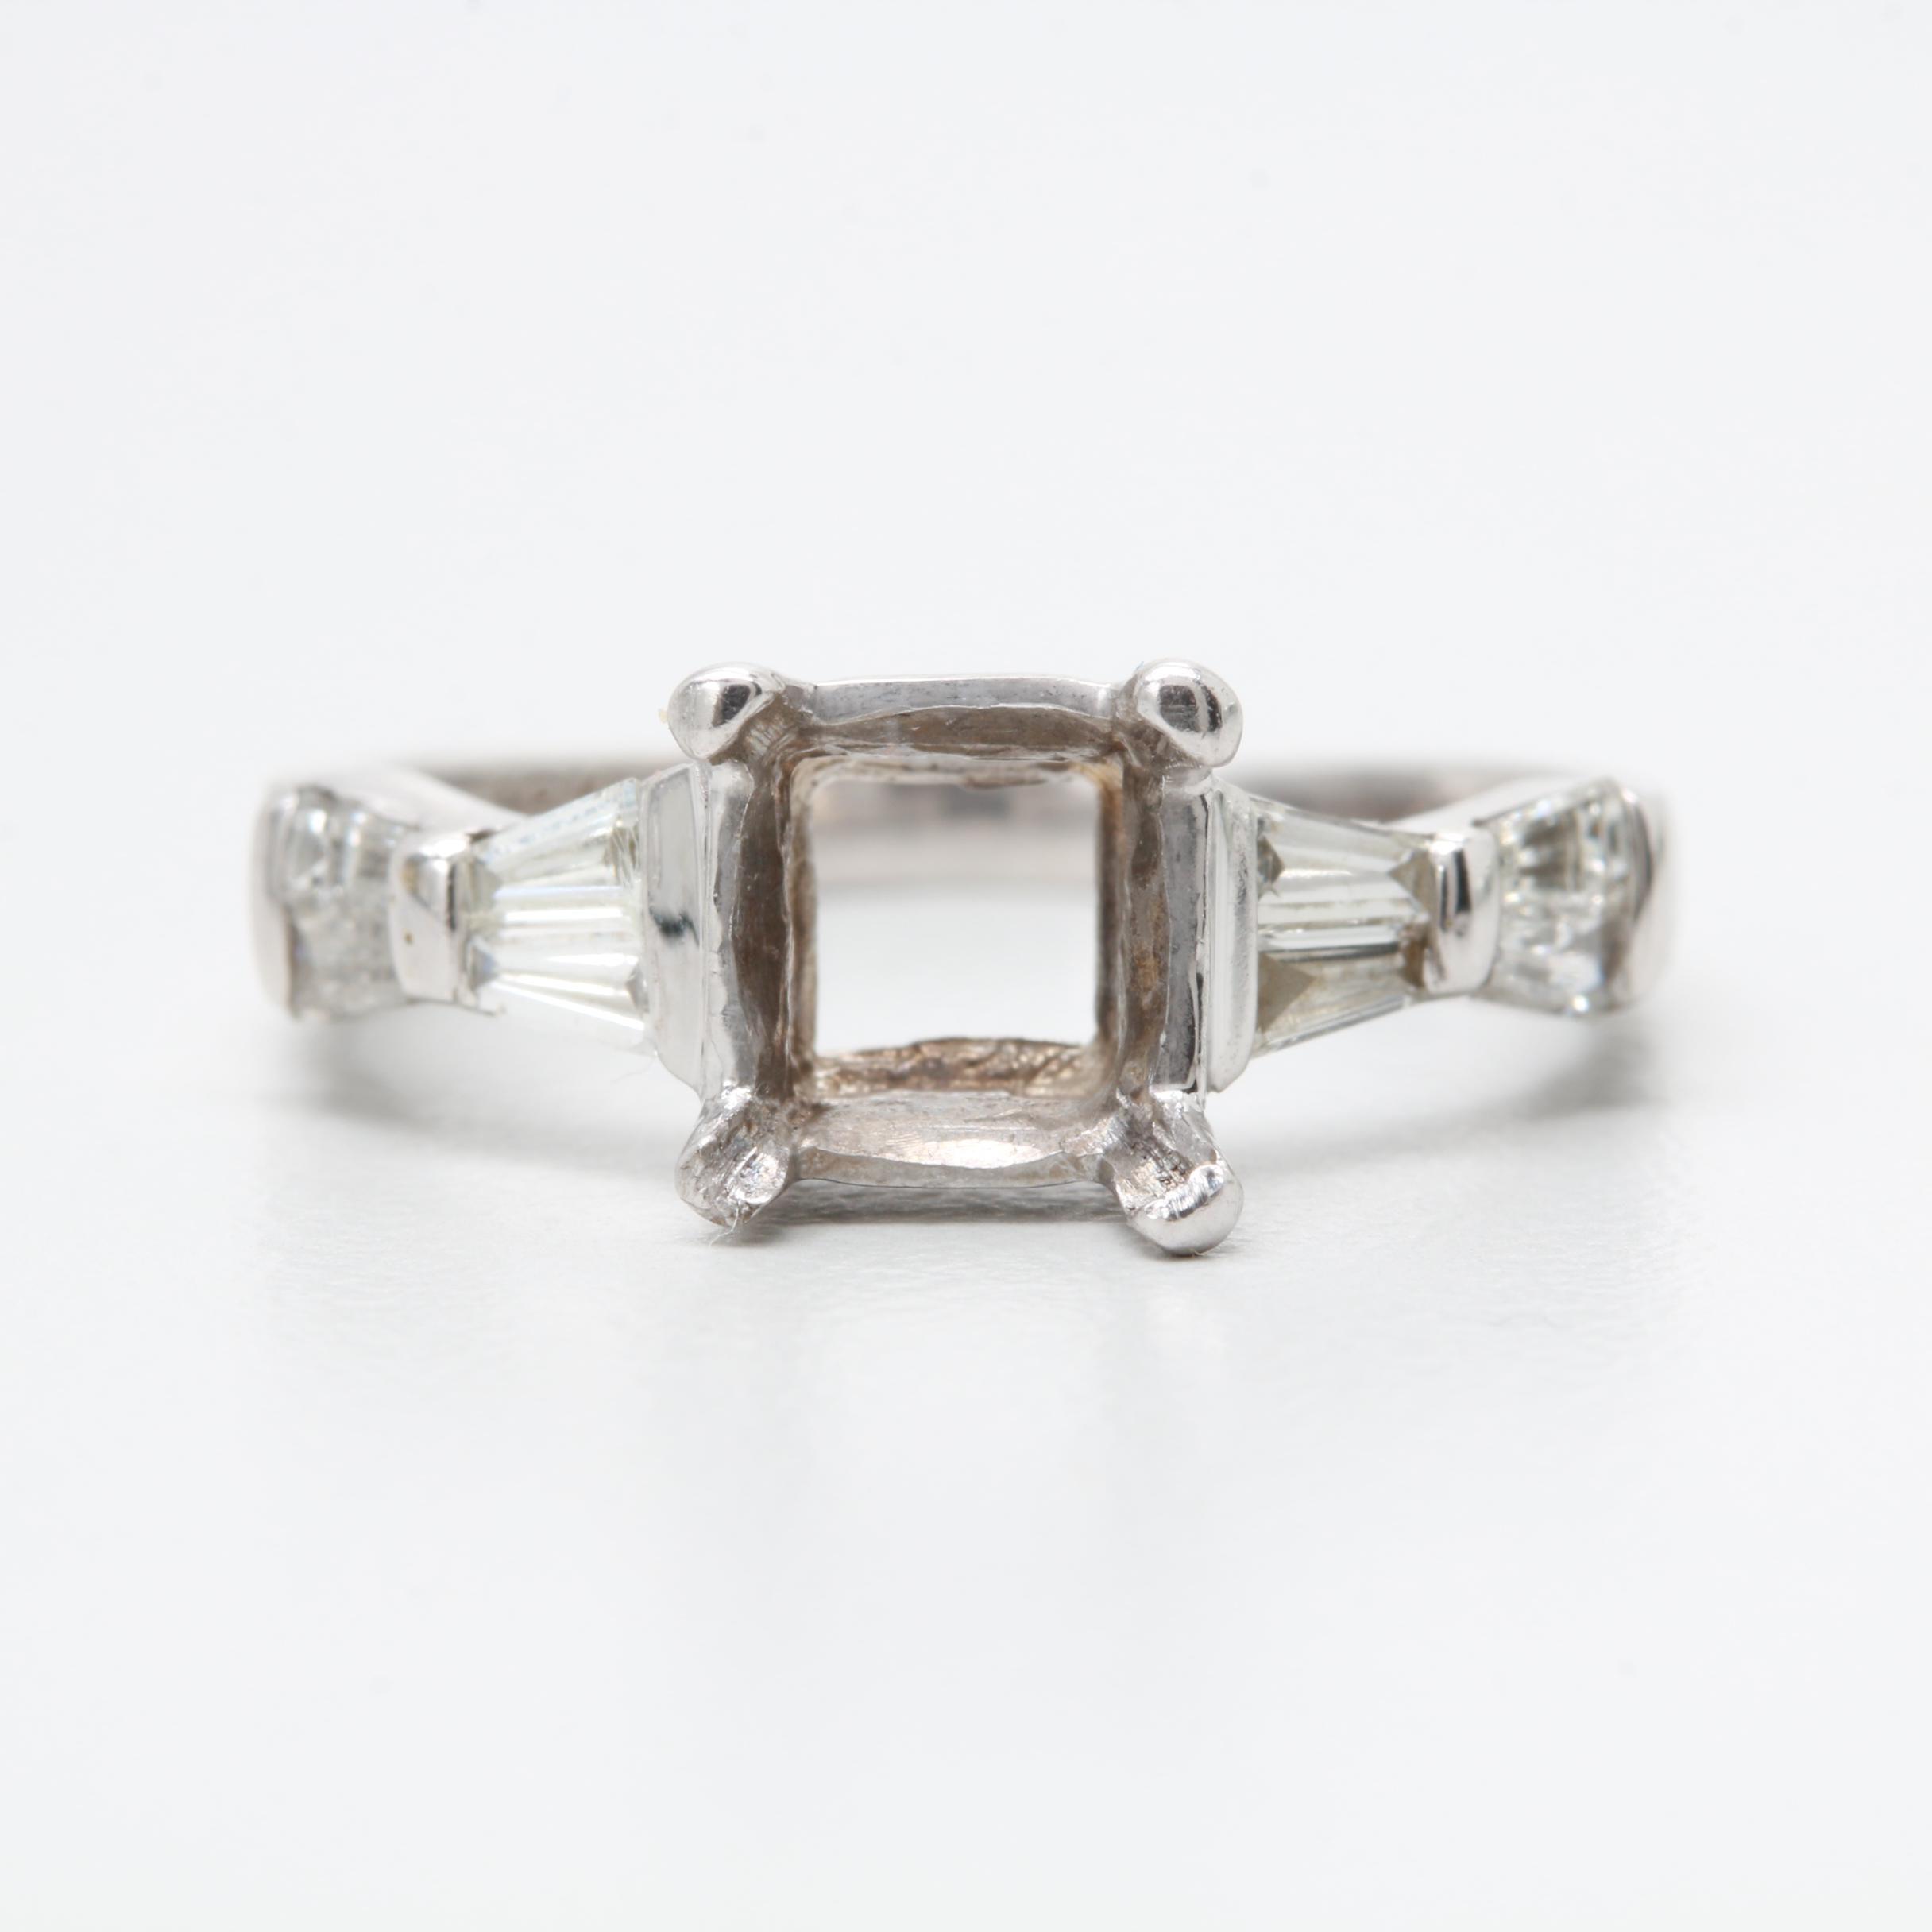 18K White Gold Semi-Mount with Diamonds